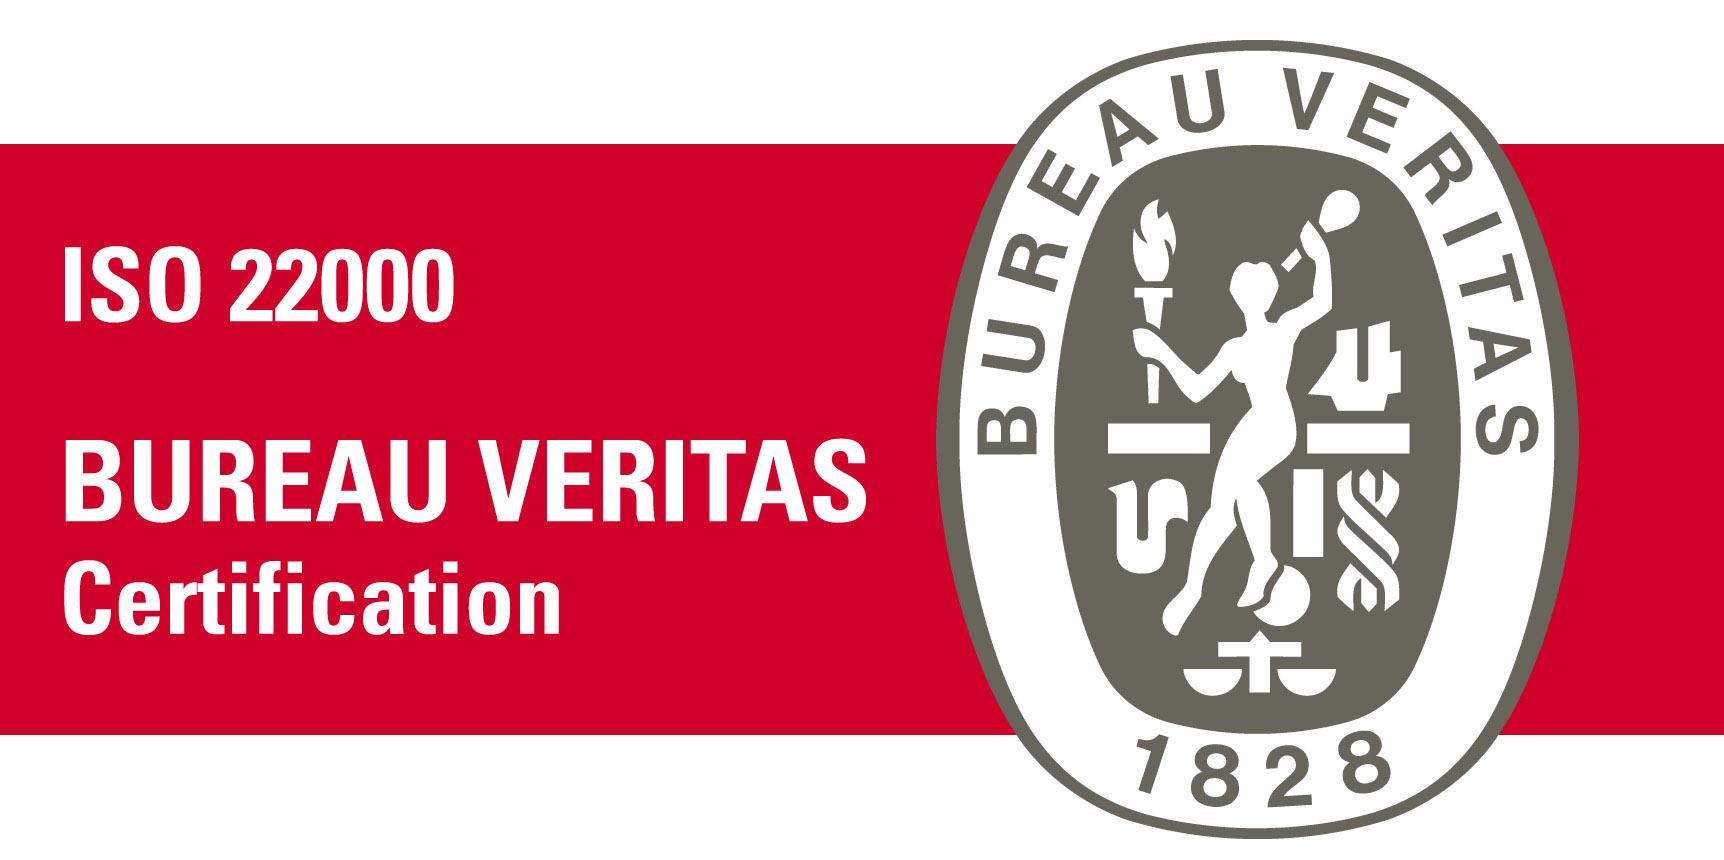 logo BV 22000